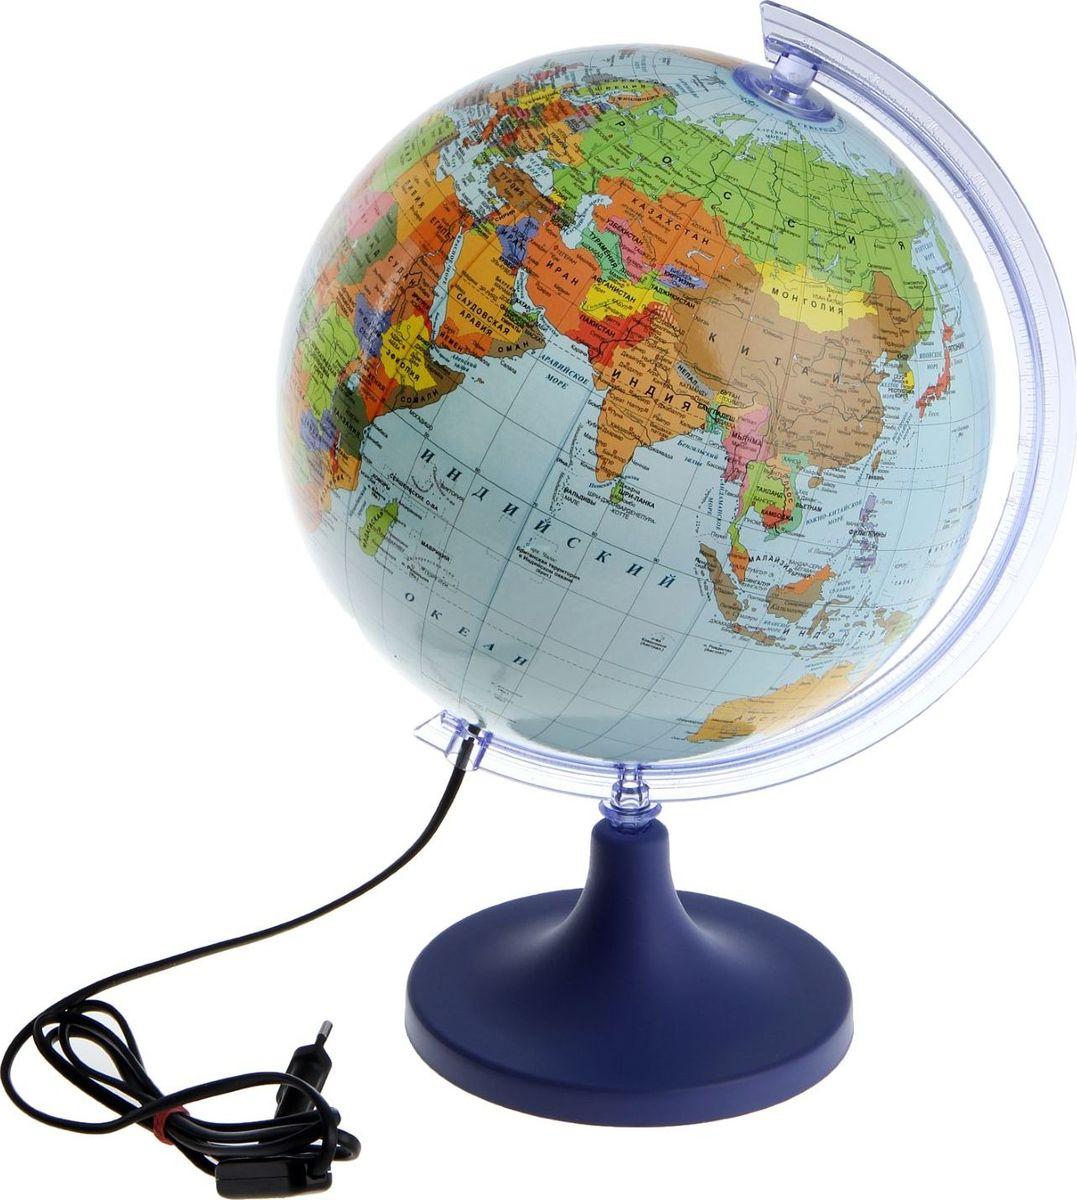 Glowala Глобус политический с подсветкой диаметр 25 см -  Канцтовары и организация рабочего места